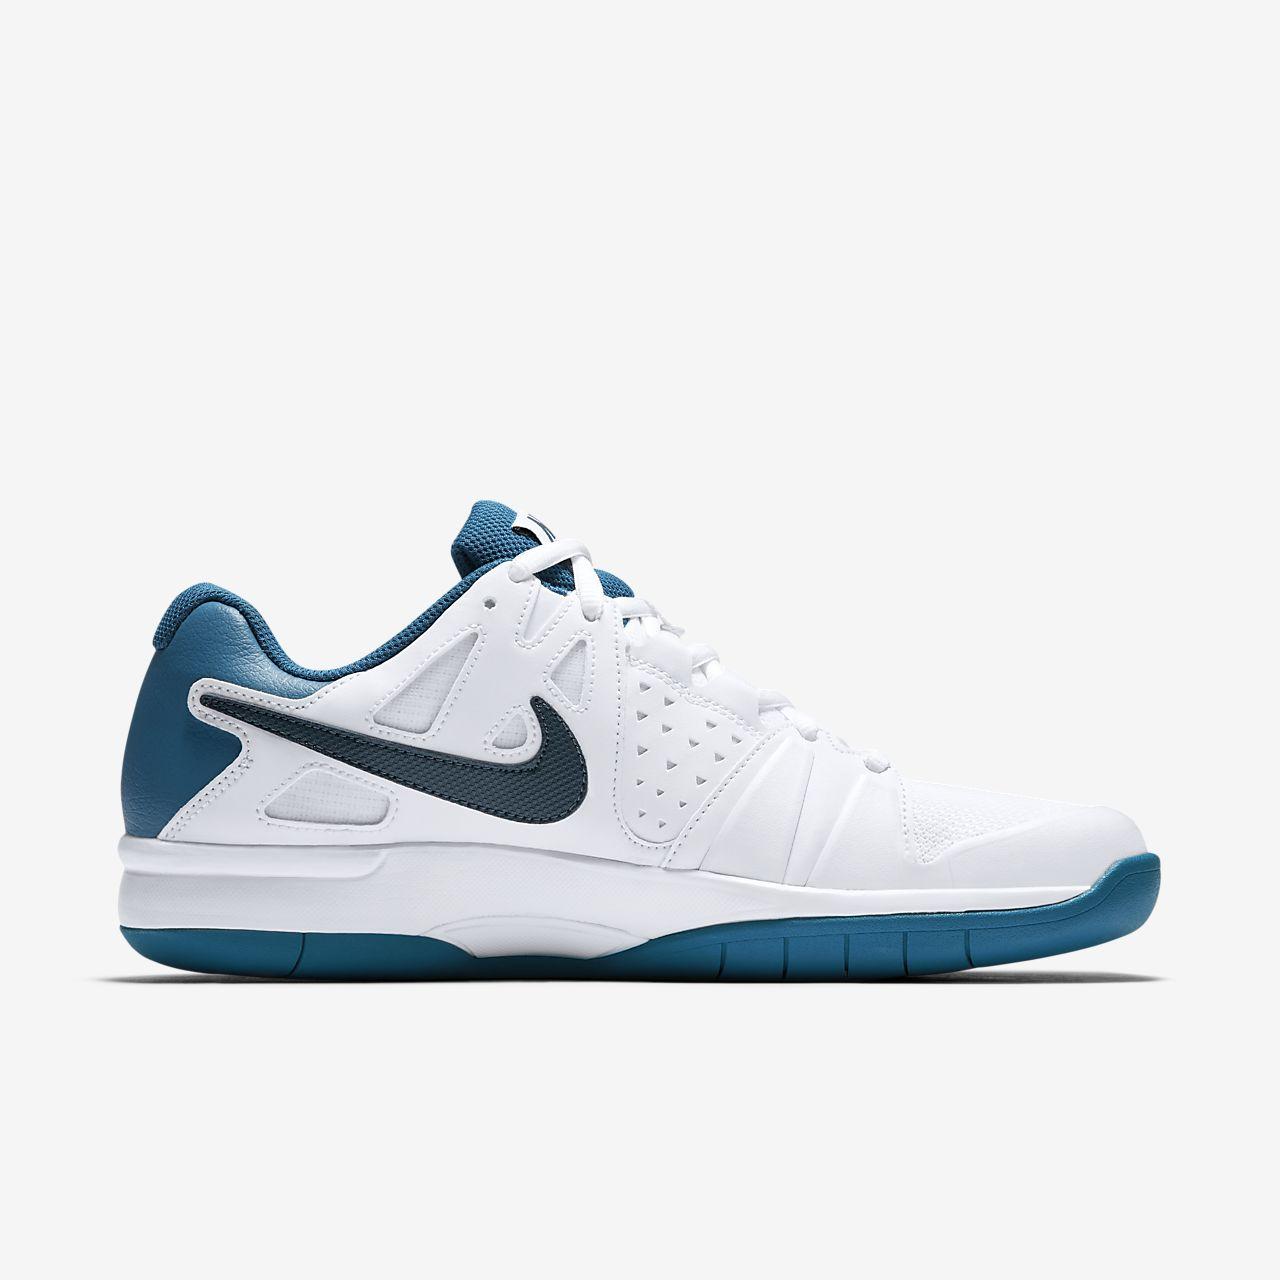 ... NikeCourt Air Vapor Advantage Carpet Men's Tennis Shoe